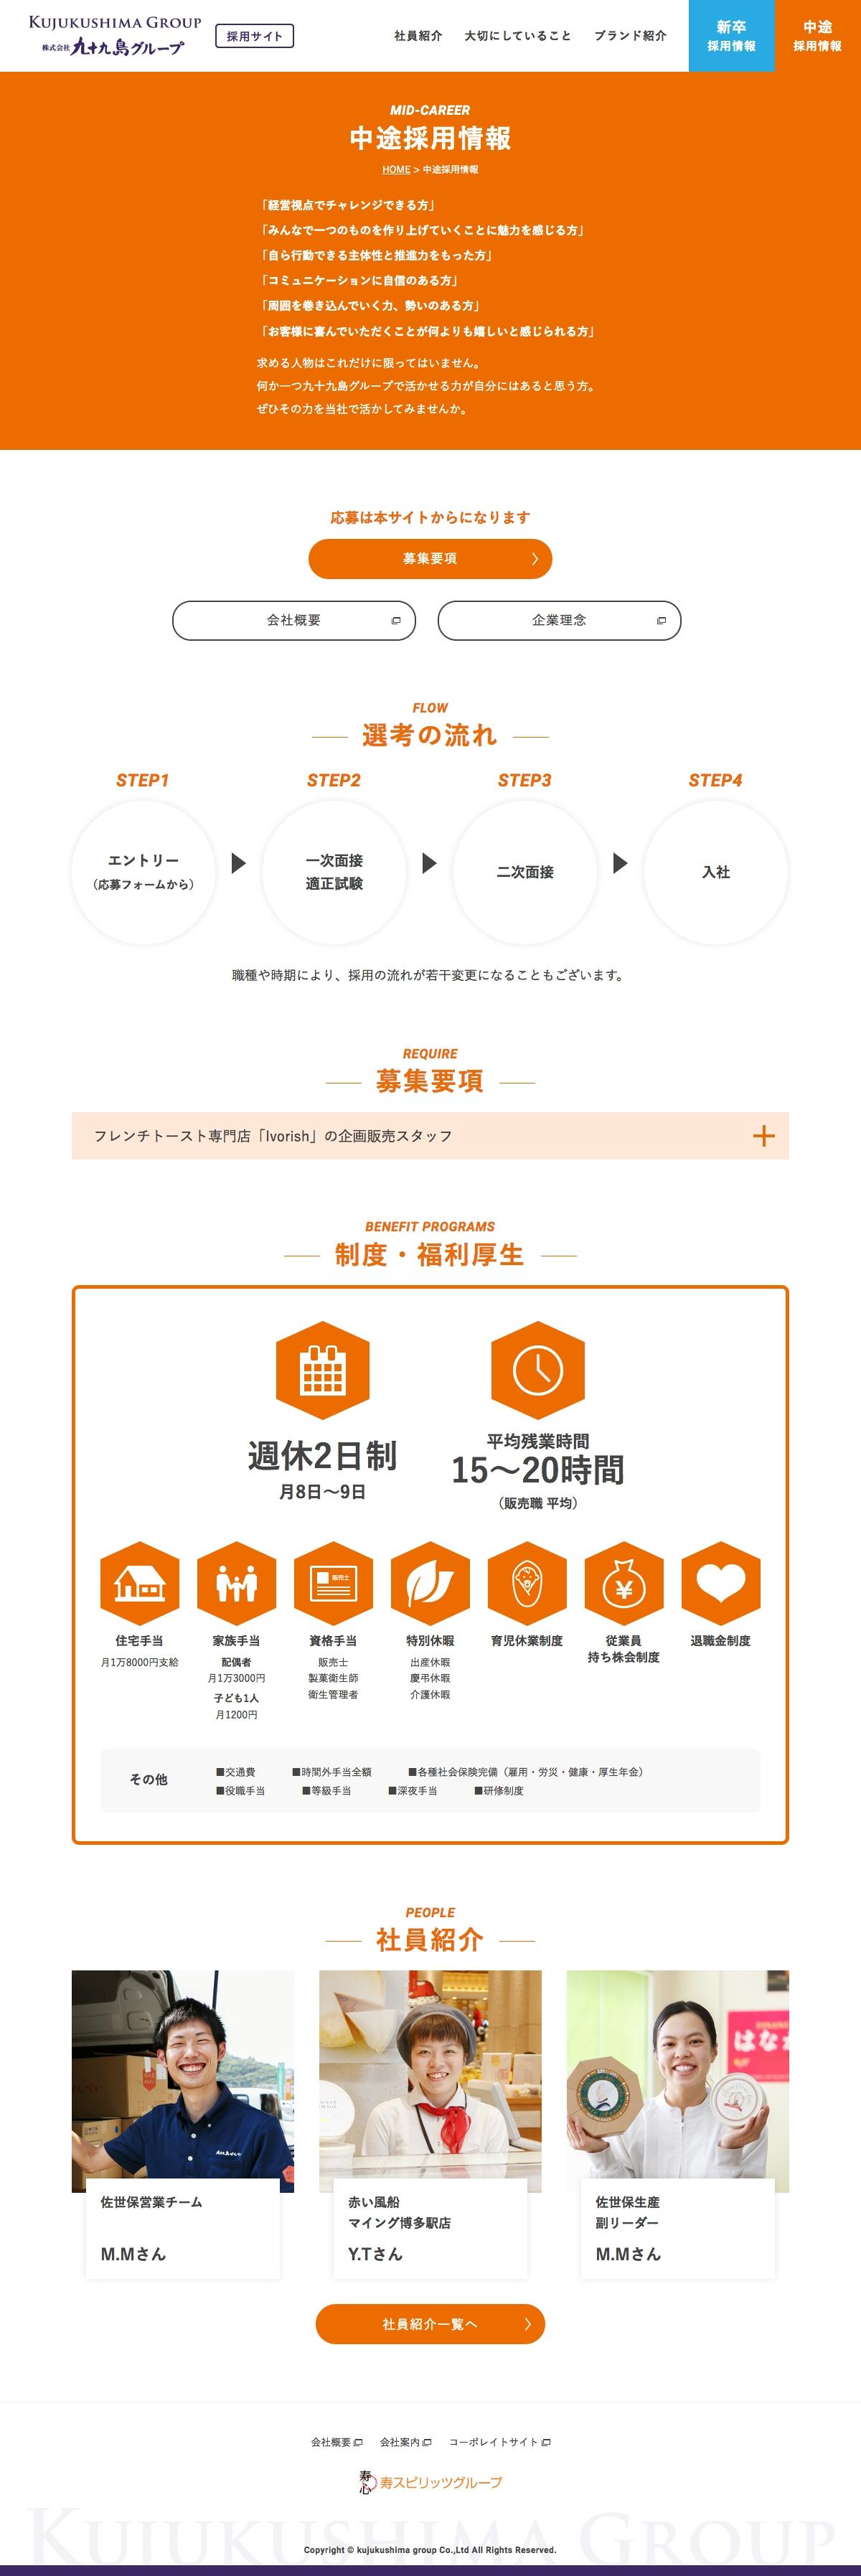 [写真]WEB 九十九島グループ 採用サイト 3